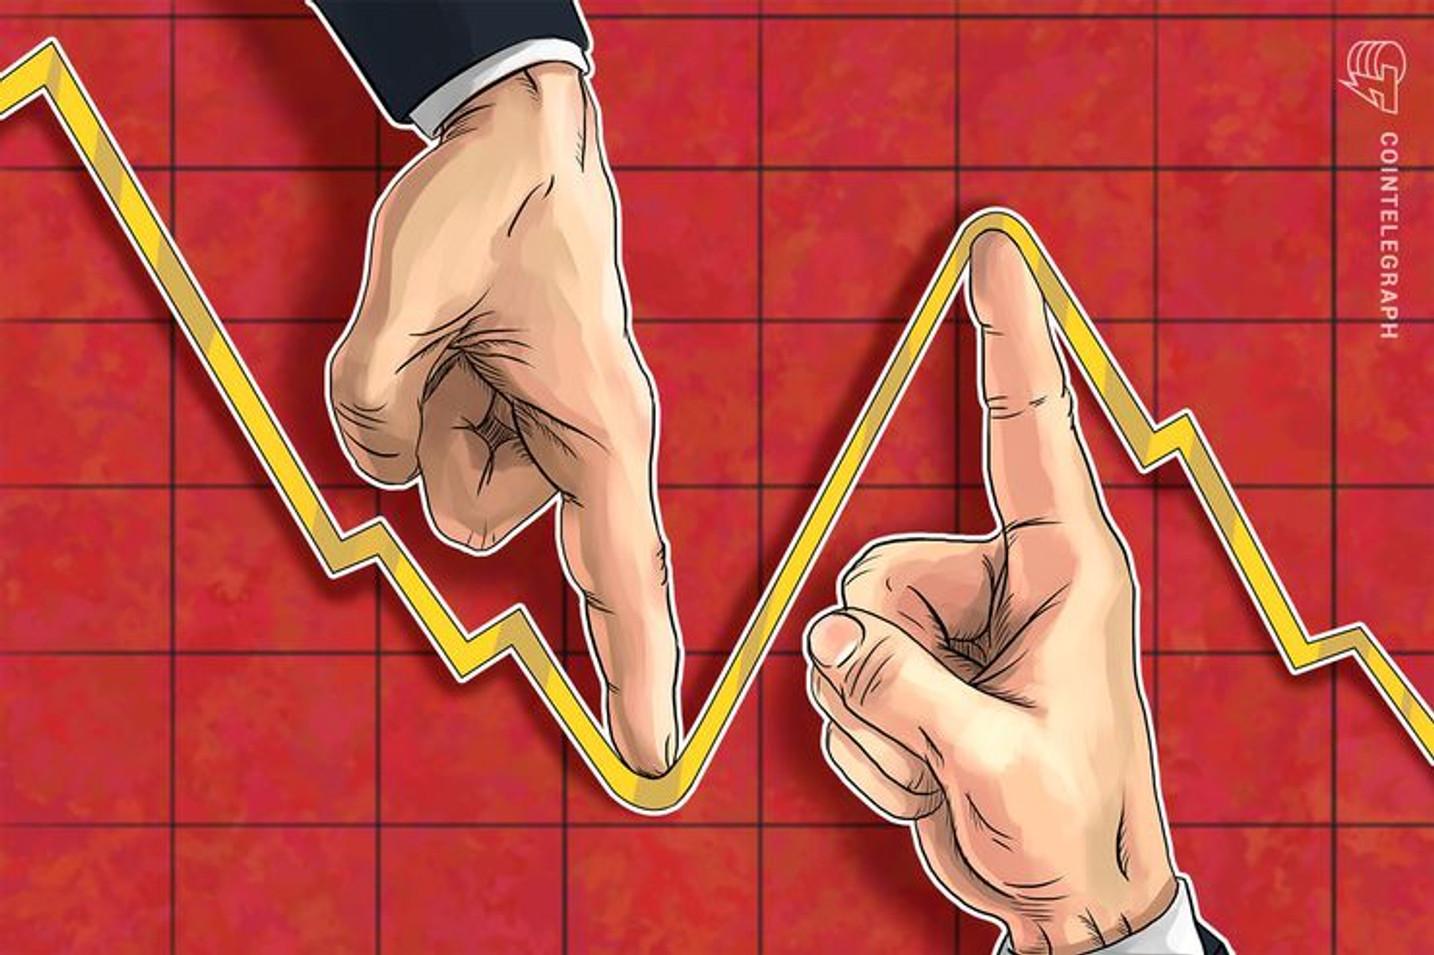 「ボックス(レンジ)相場の方が利益を上げやすい」との声も 仮想通貨ビットコインの値動きを分析